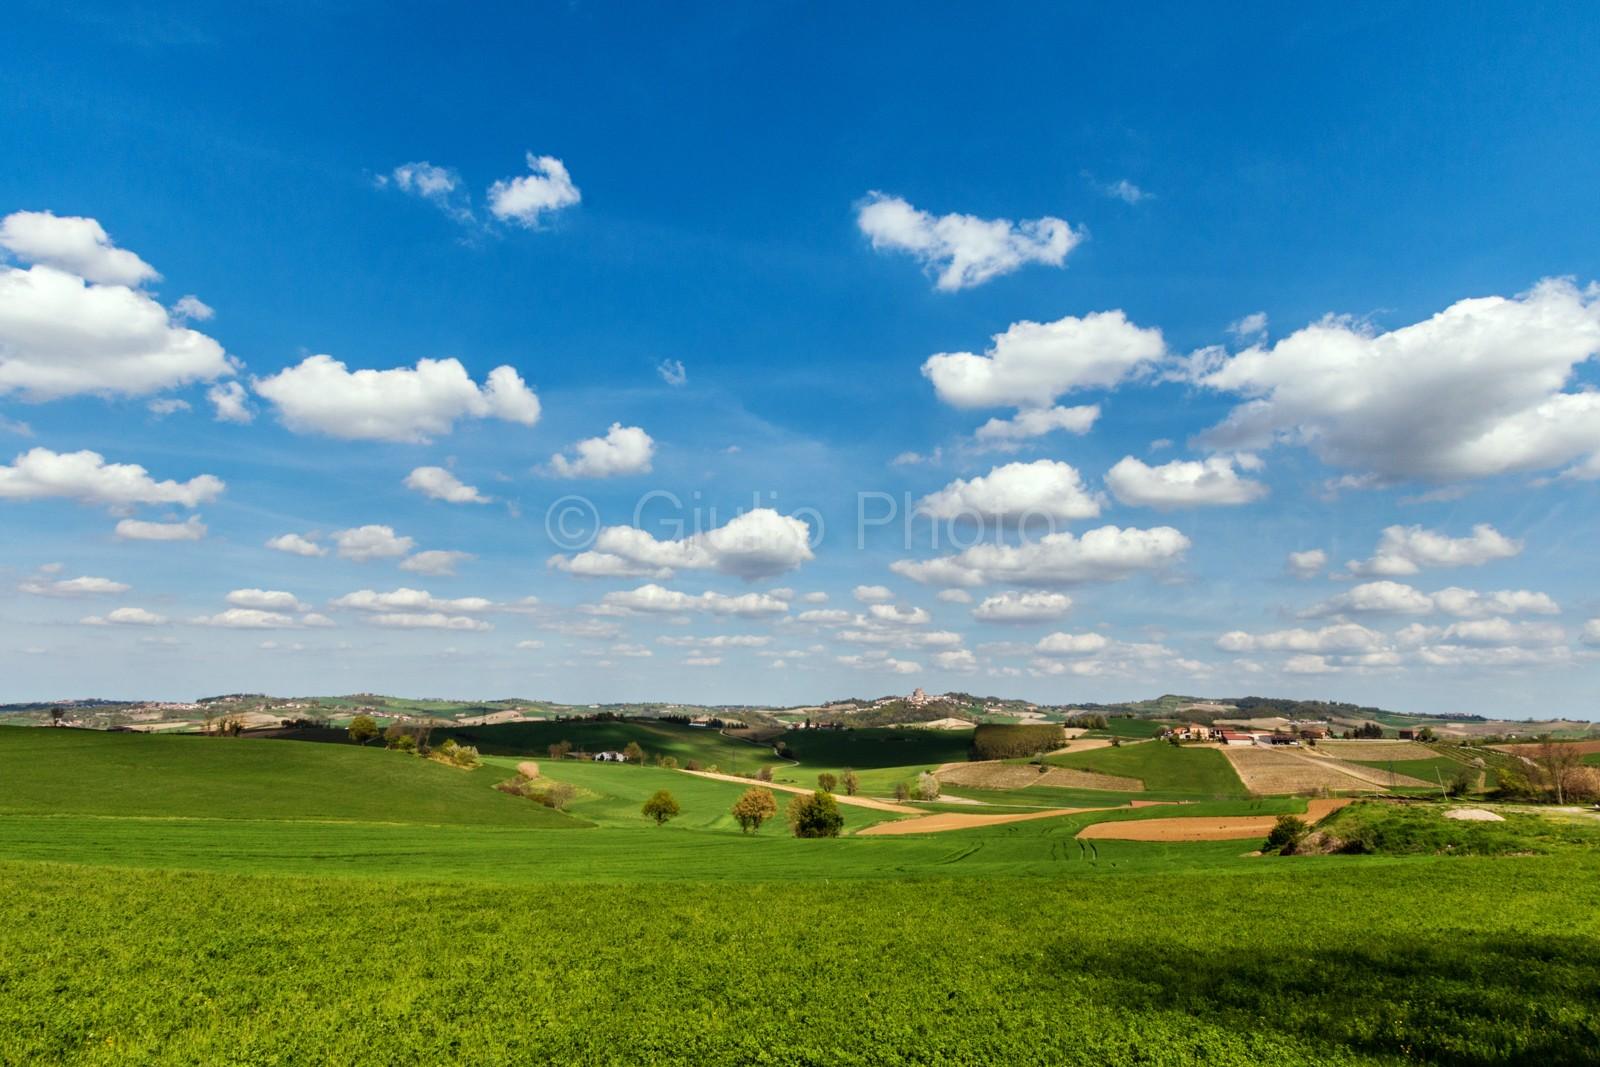 Giulio photo immagini del piemonte da stampare regione for Disegni paesaggi da colorare